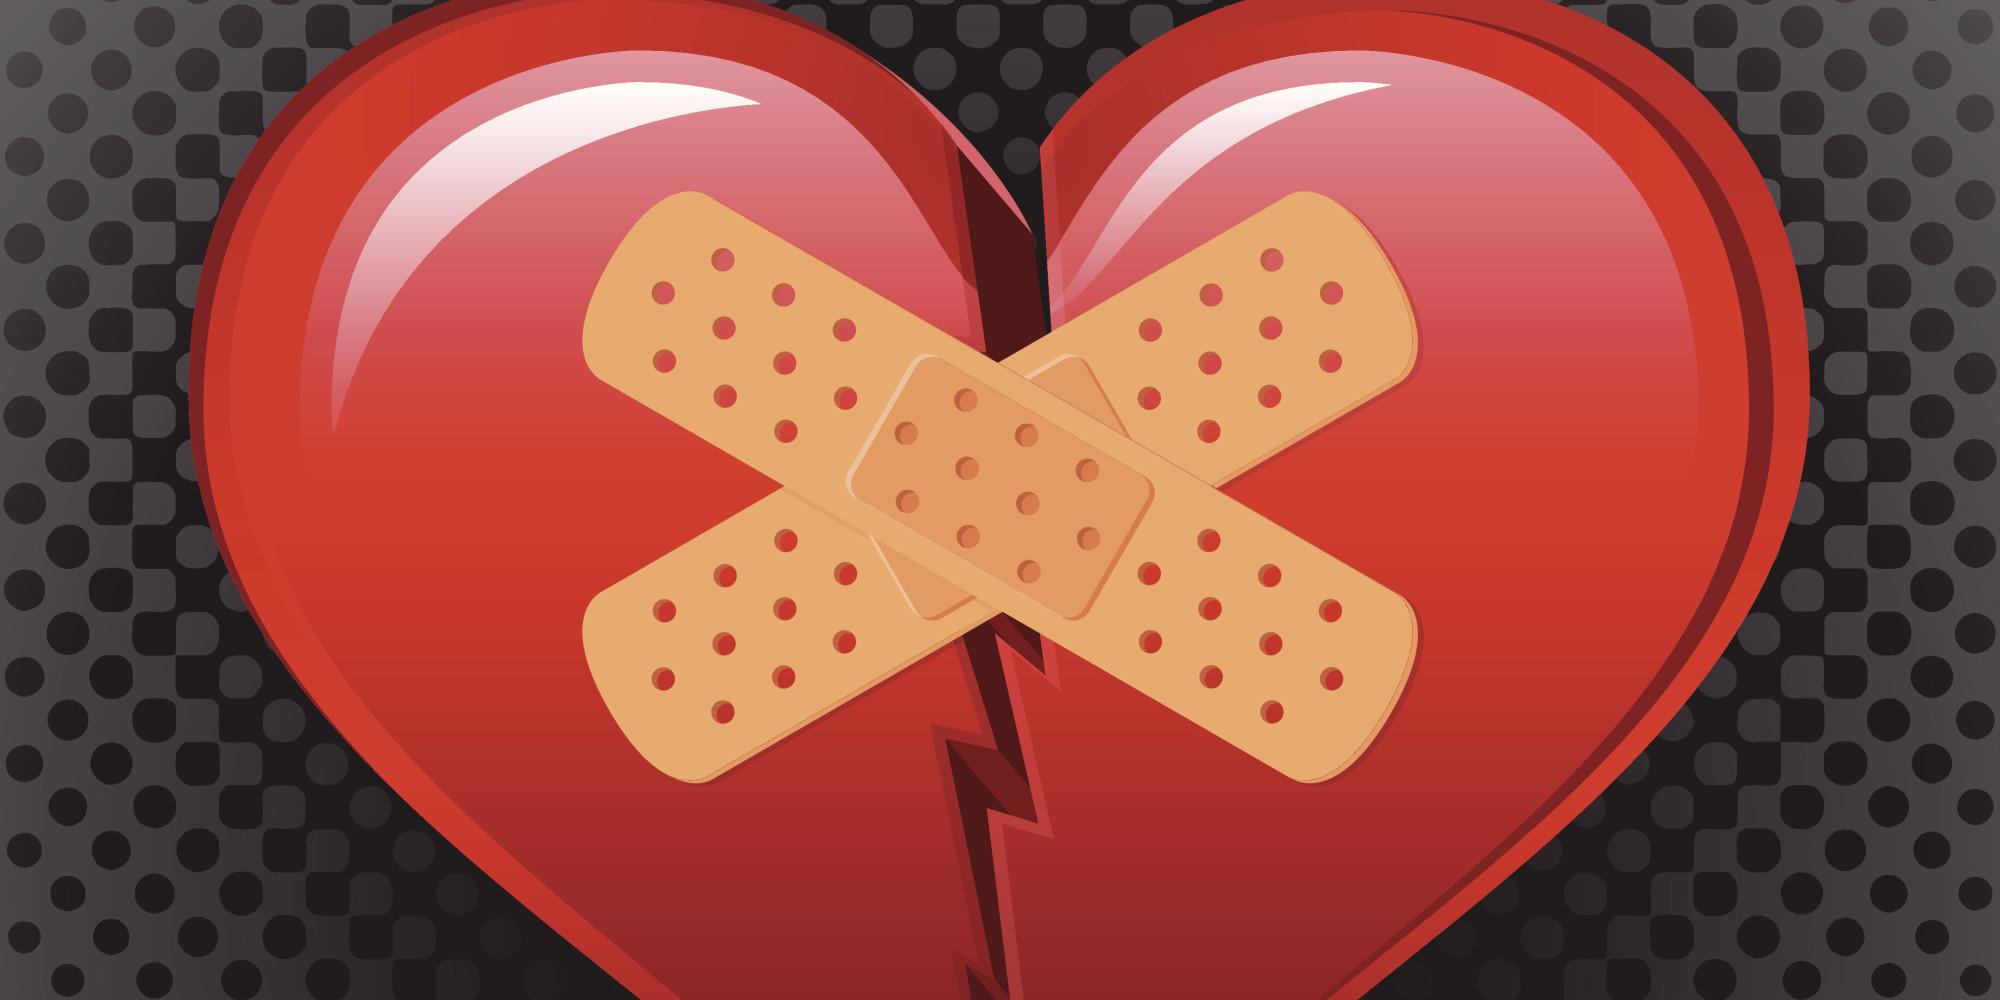 Broken Heart Love Quotes Wallpaper Broken Heart Wallpapers Pictures Images